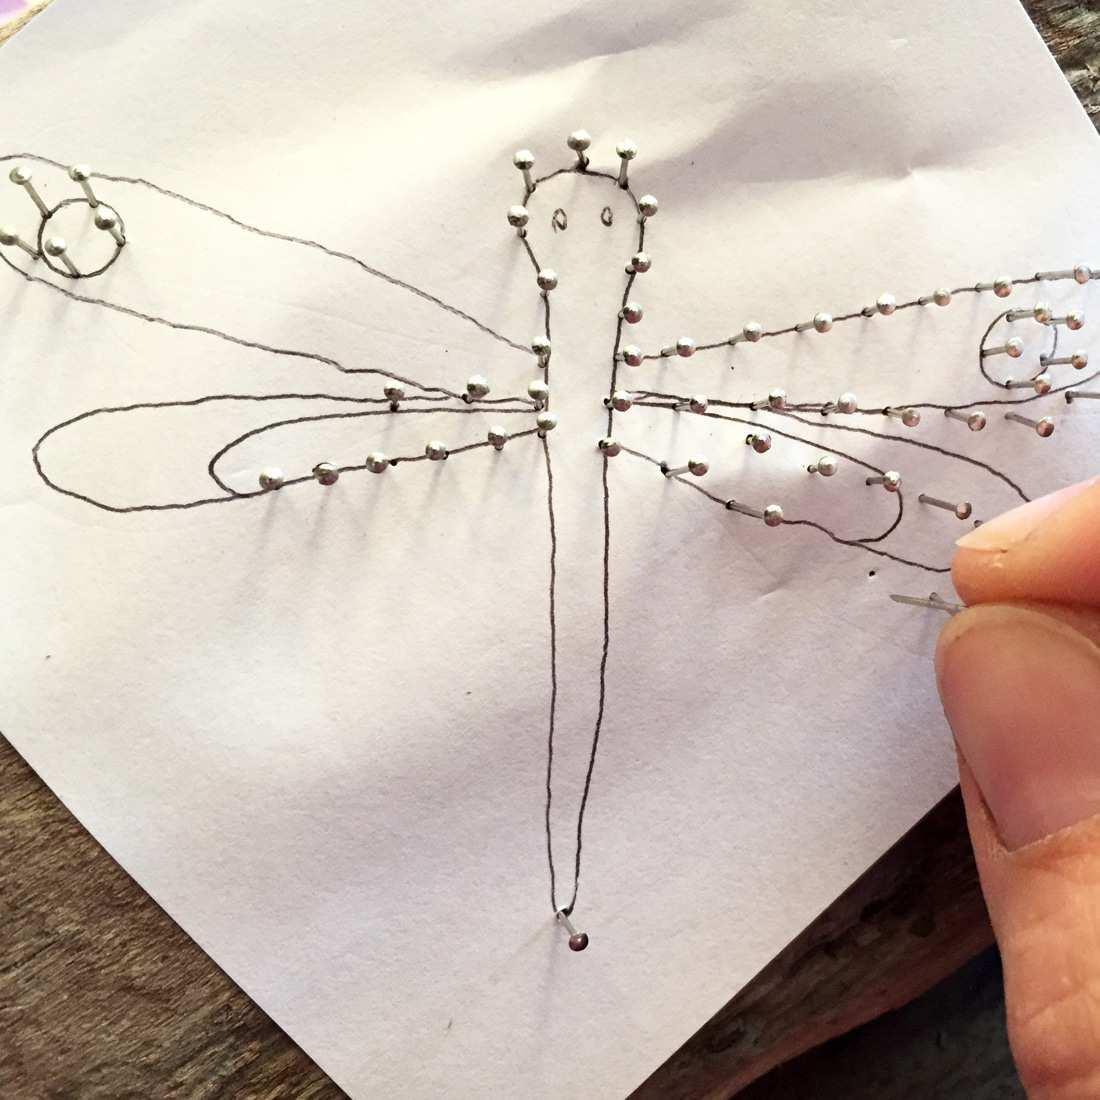 Treibholz Schlusselbrett Mit Libellen Aus Nageln Und Garn